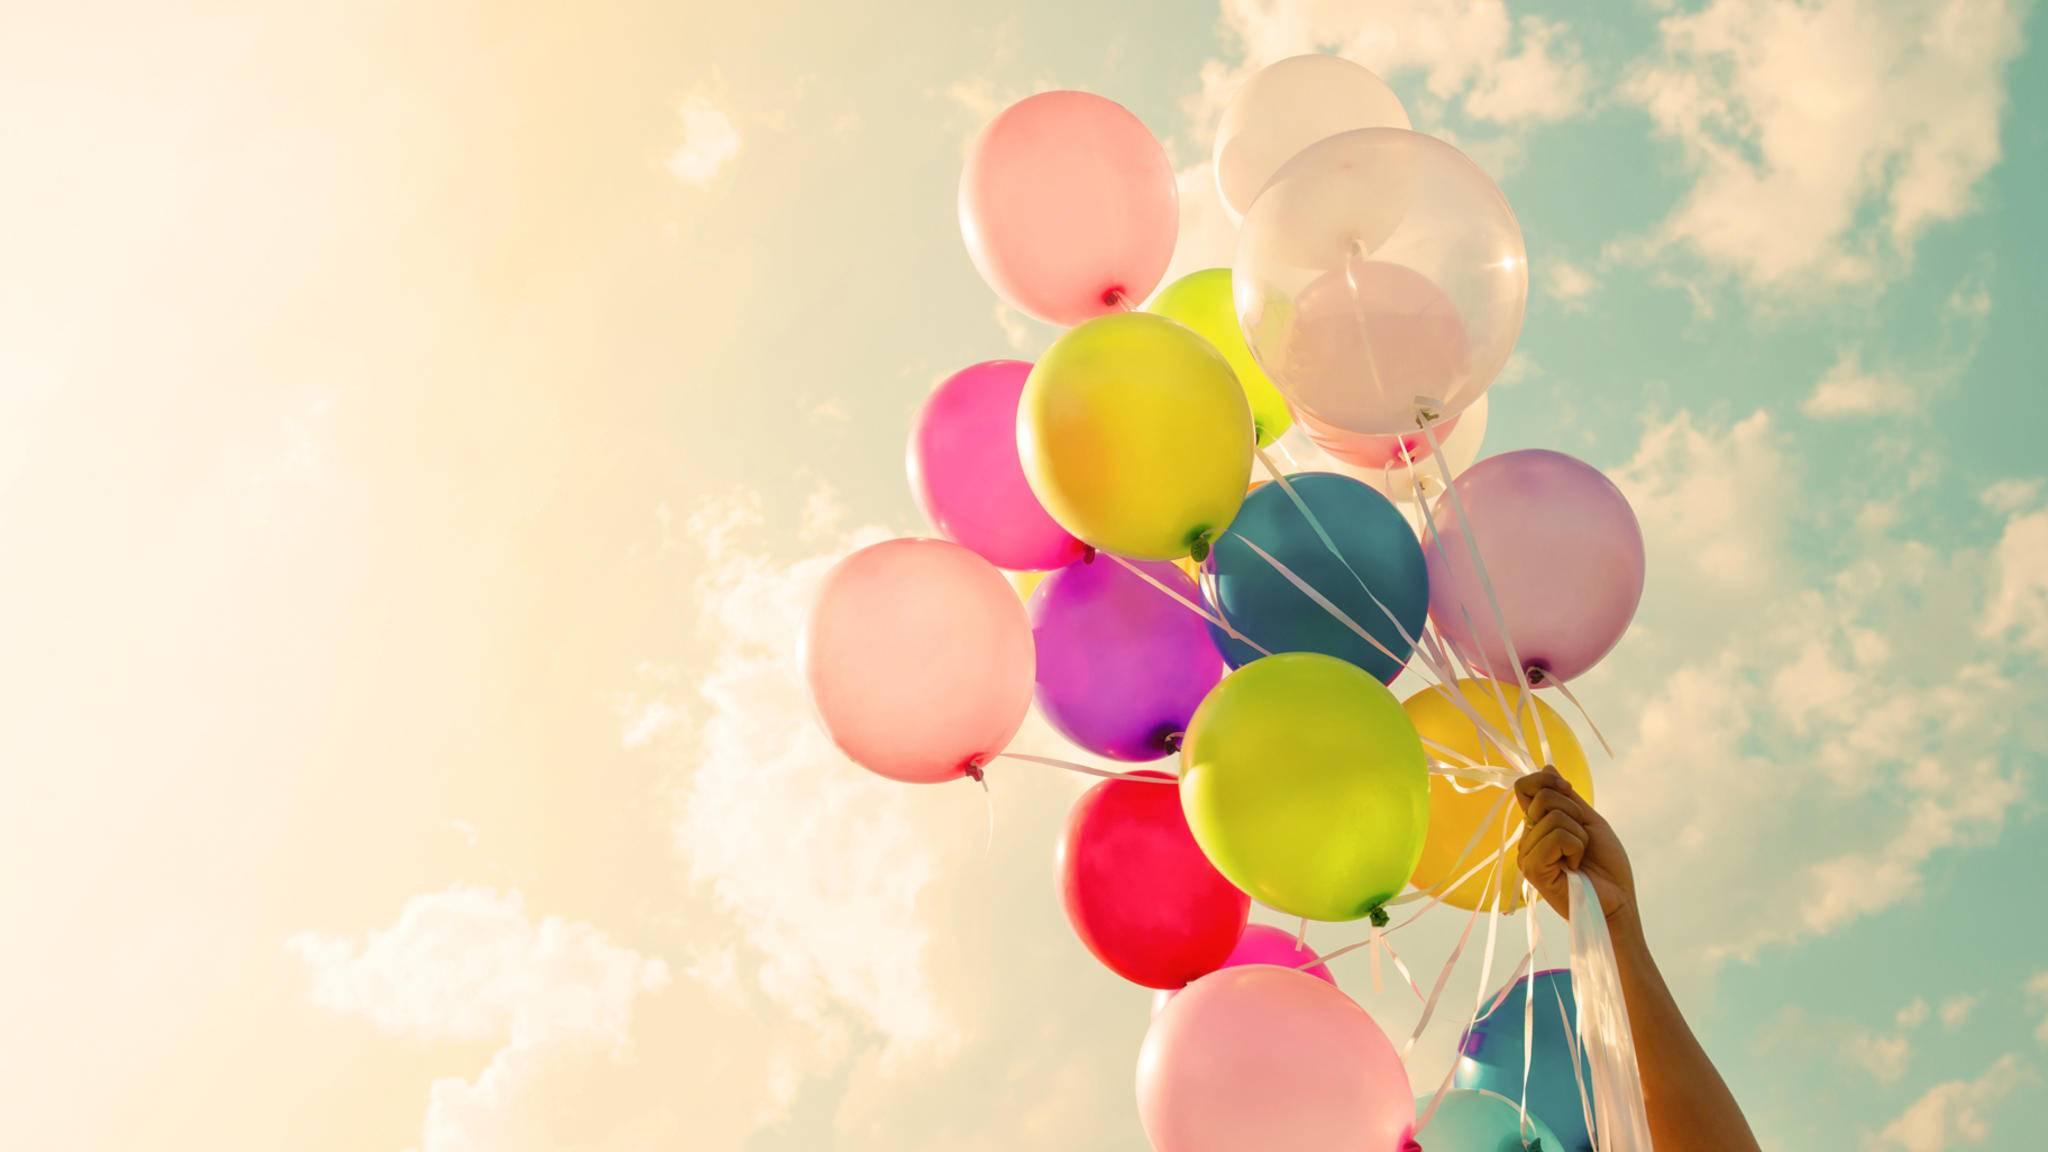 Mit Luftballons lassen sich viele schöne Dekorationen umsetzen.